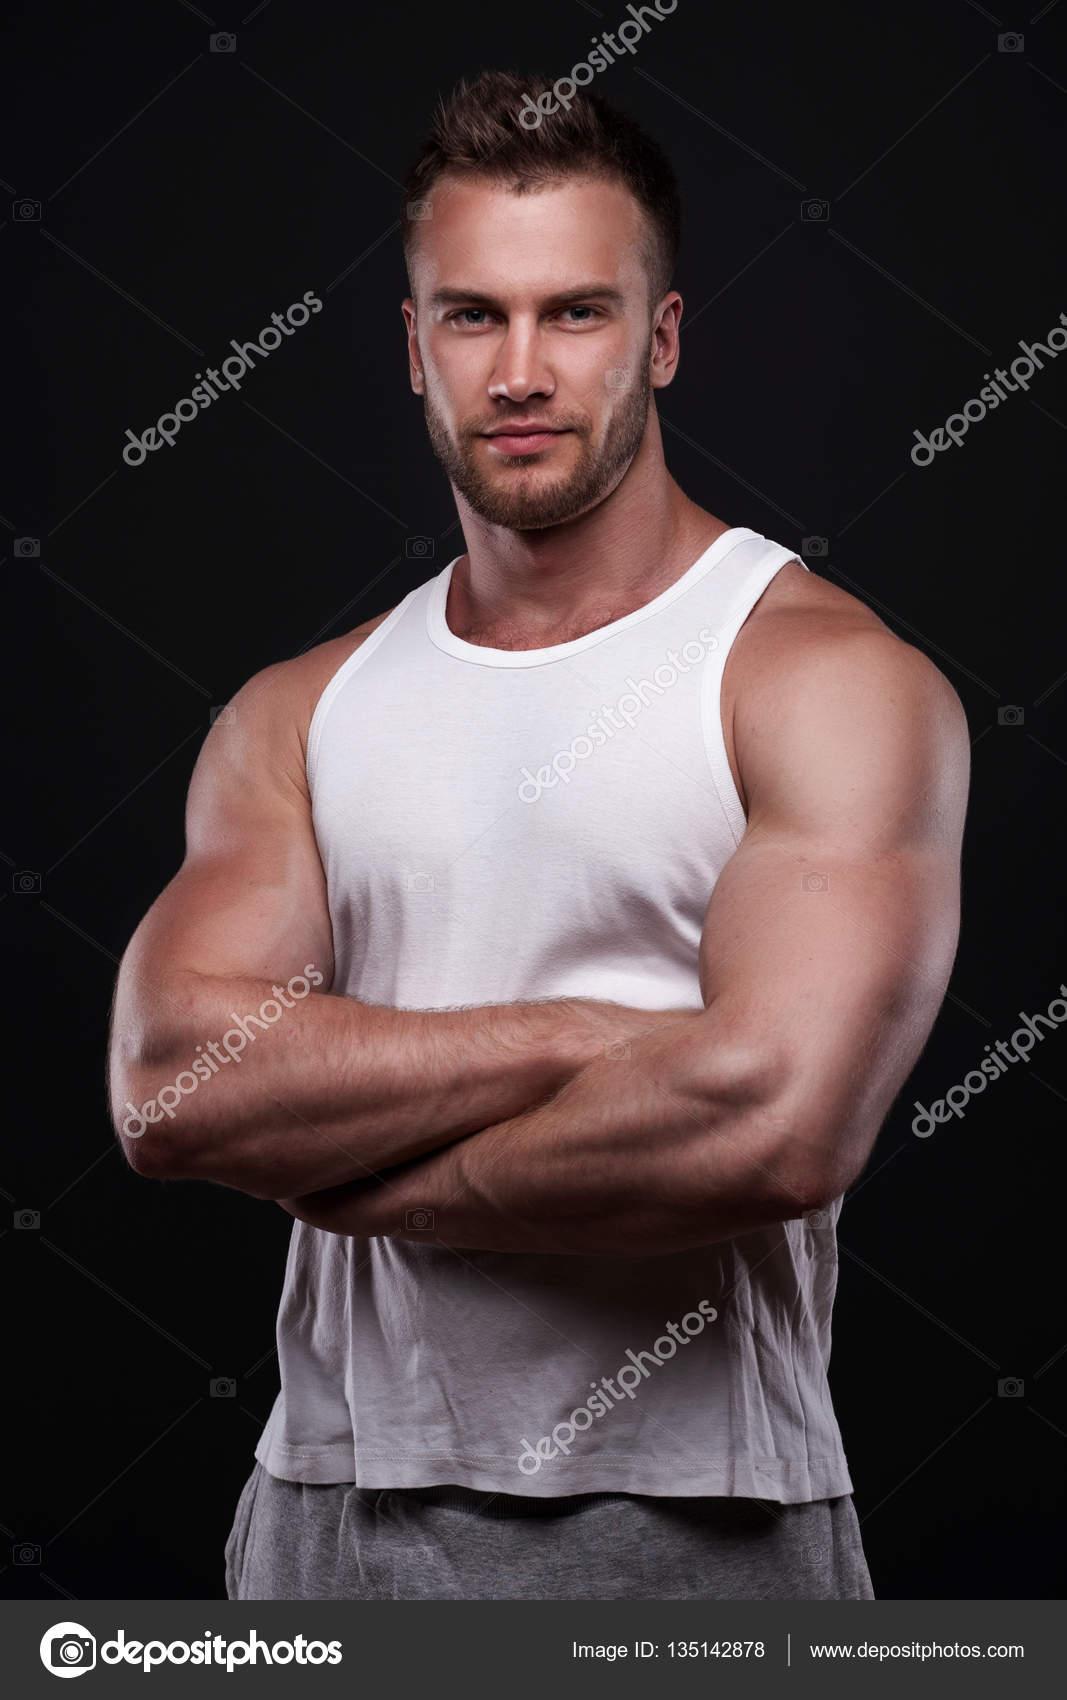 aebcf65eb0c432 Porträt von sportlicher Mann im weißen Unterhemd — Stockfoto ...